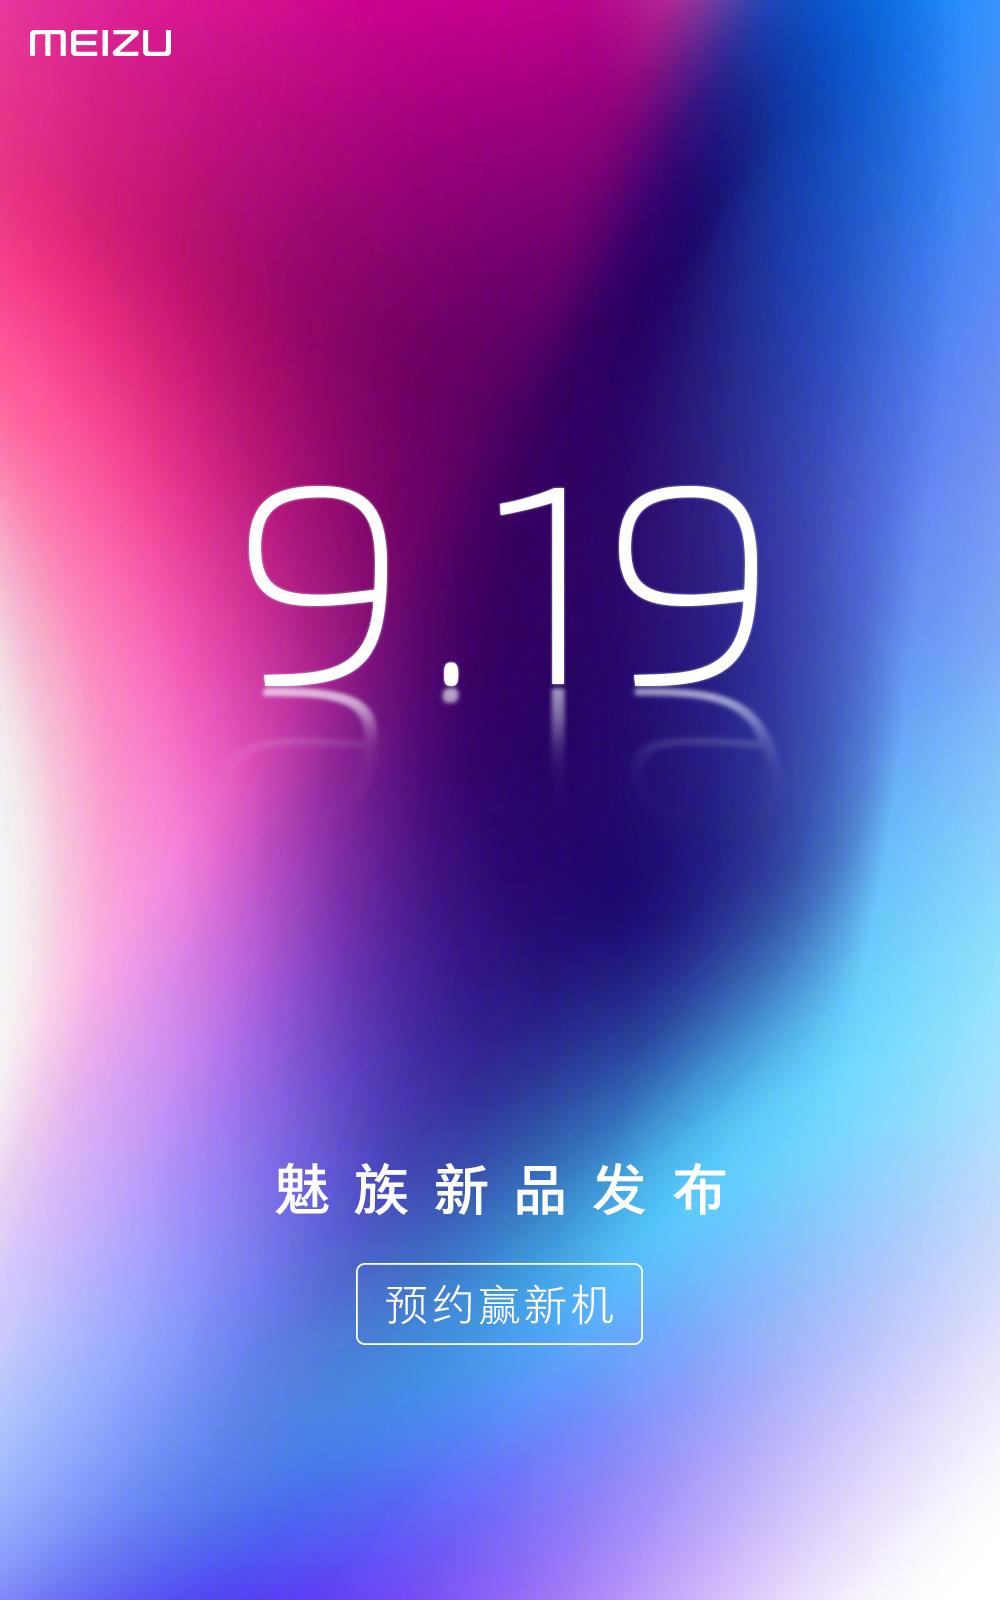 魅族竞争小米:9月19日同天发布三款魅族新品手机!